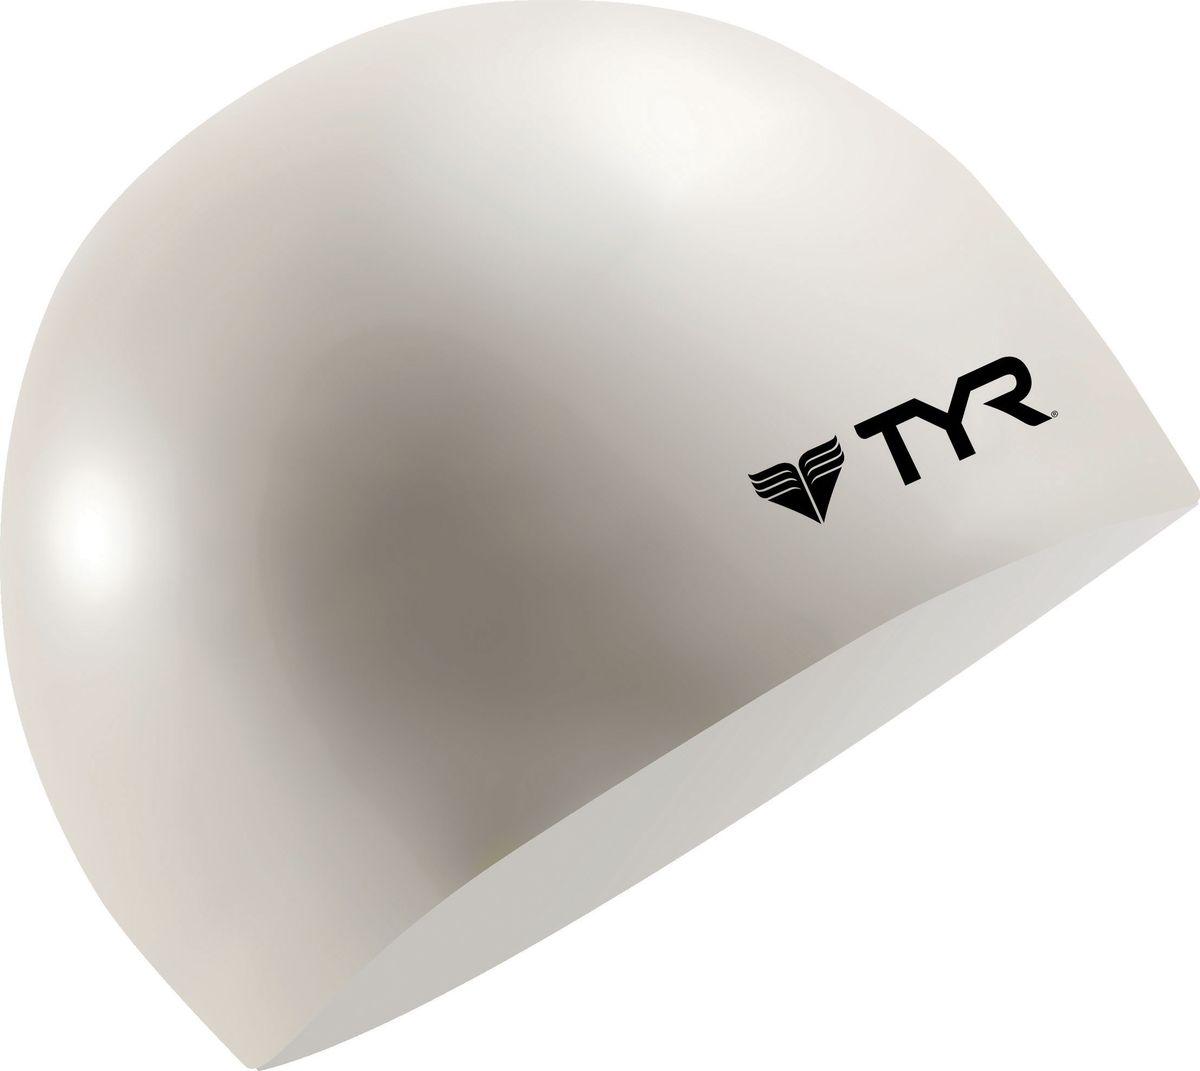 Шапочка плавательная Tyr Wrinkle Free Junior Silicone Cap, цвет: белый. LCSJRLCSJRДетская силиконовая шапочка TYR Wrinkle Free – изготовлена из высококачественного материала устойчивого к воздействию хлорированной воды, что гарантирует долгий срок службы. Материал шапочки не вызывает раздражения кожи и других аллергических реакций. Прекрасный вариант для тренировок в бассейне.